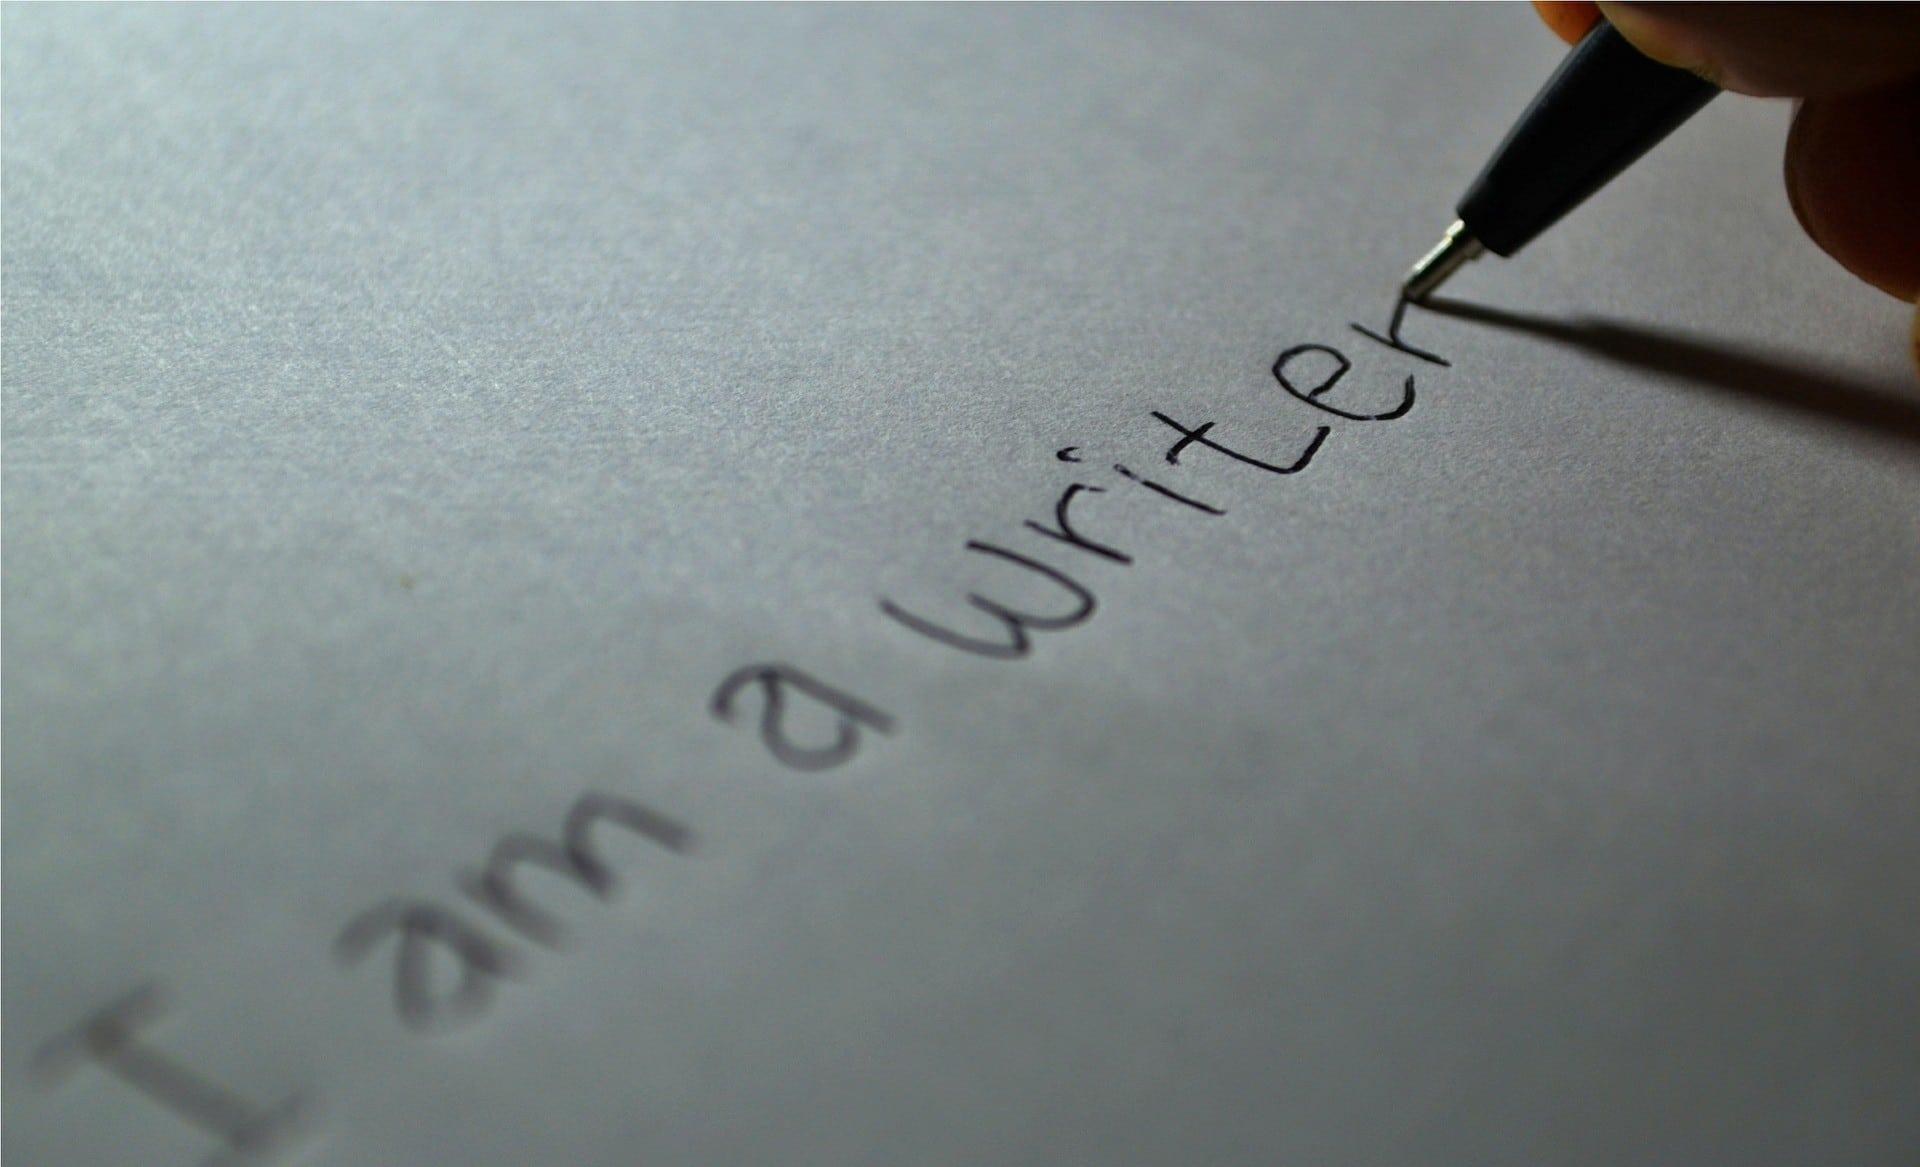 أعمال مرتبطة بالكتابة و الترجمة للعمل من المنزل فى كندا